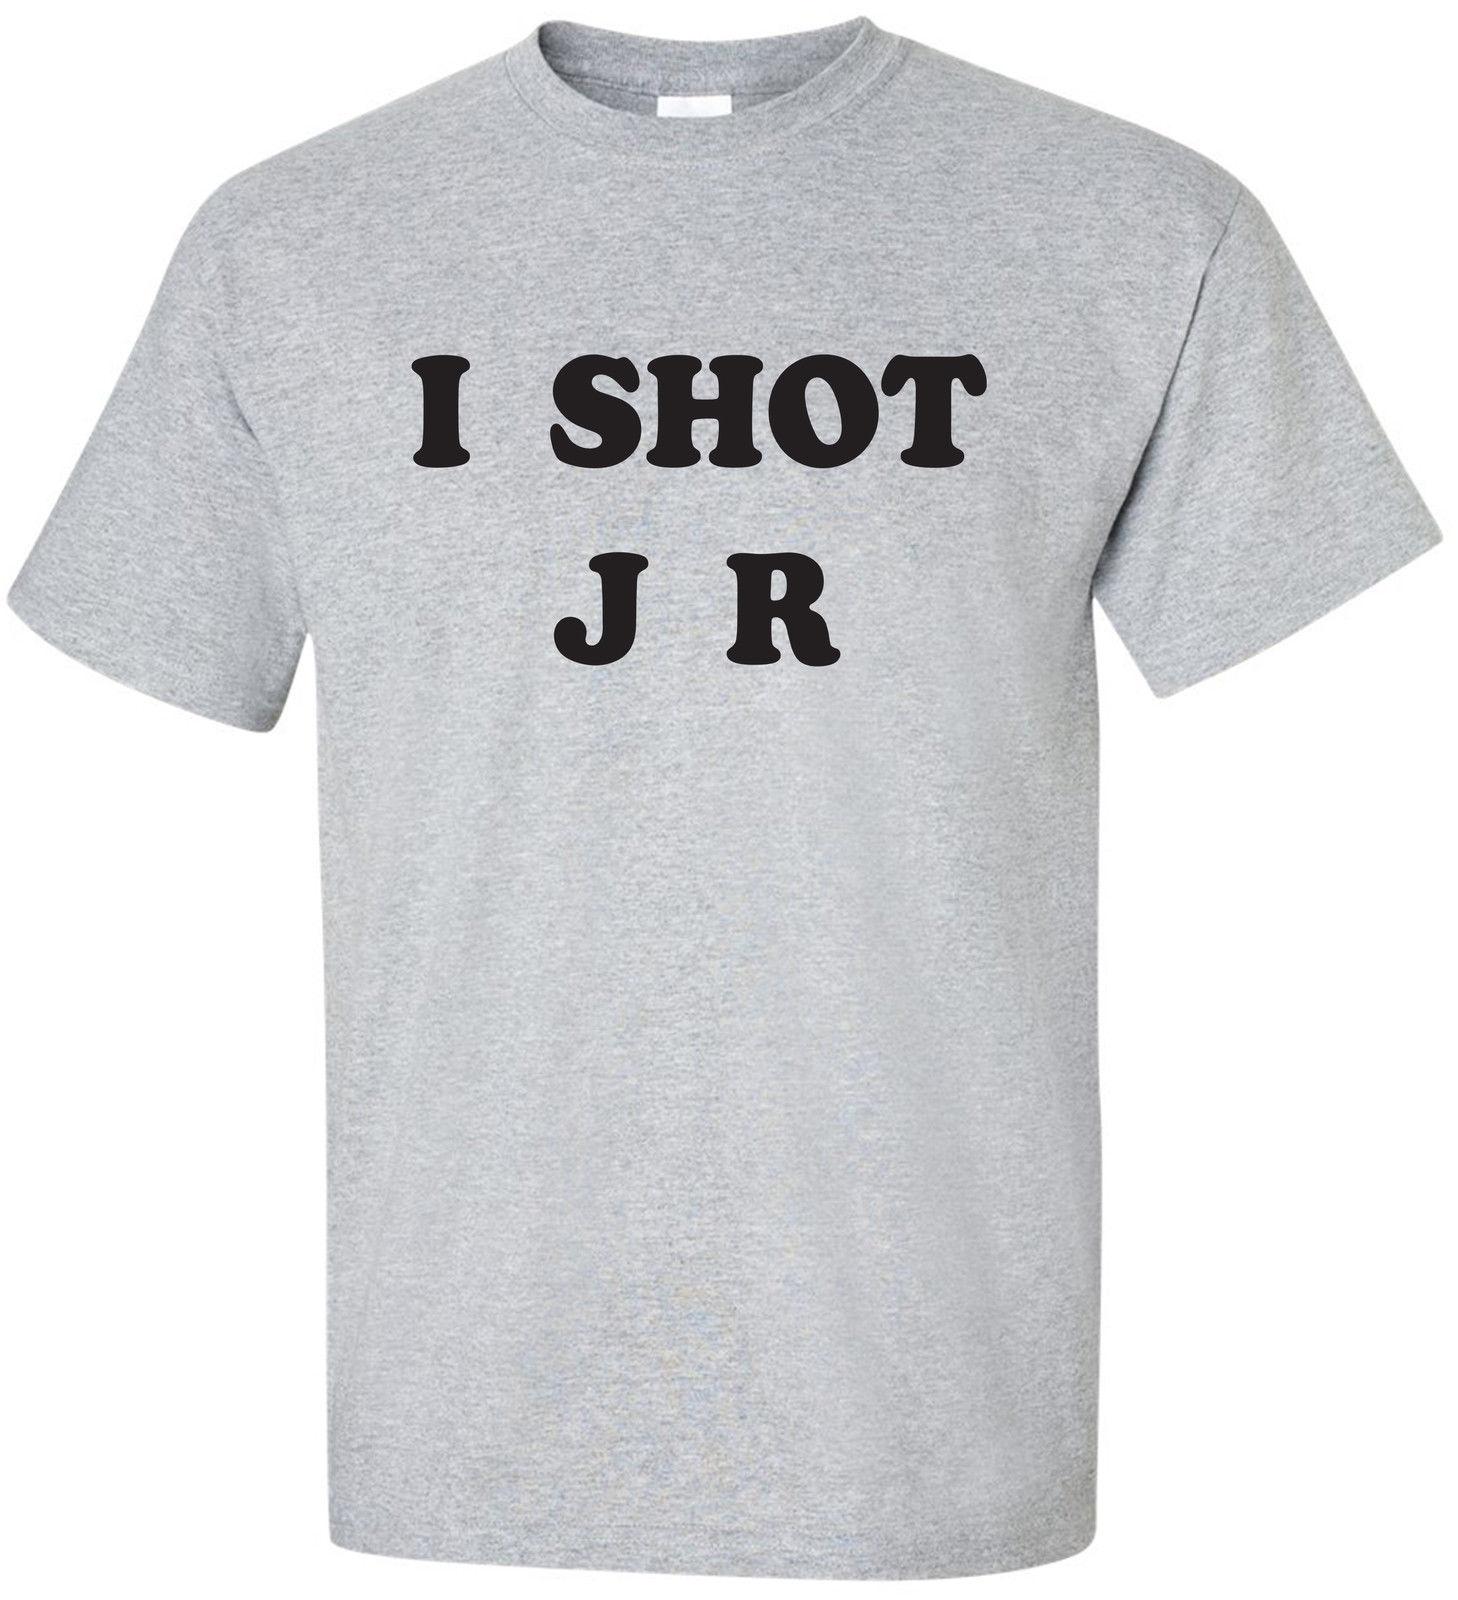 Я выстрелил J R отец TED серый с коротким рукавом Экипаж шеи хлопок Футболка